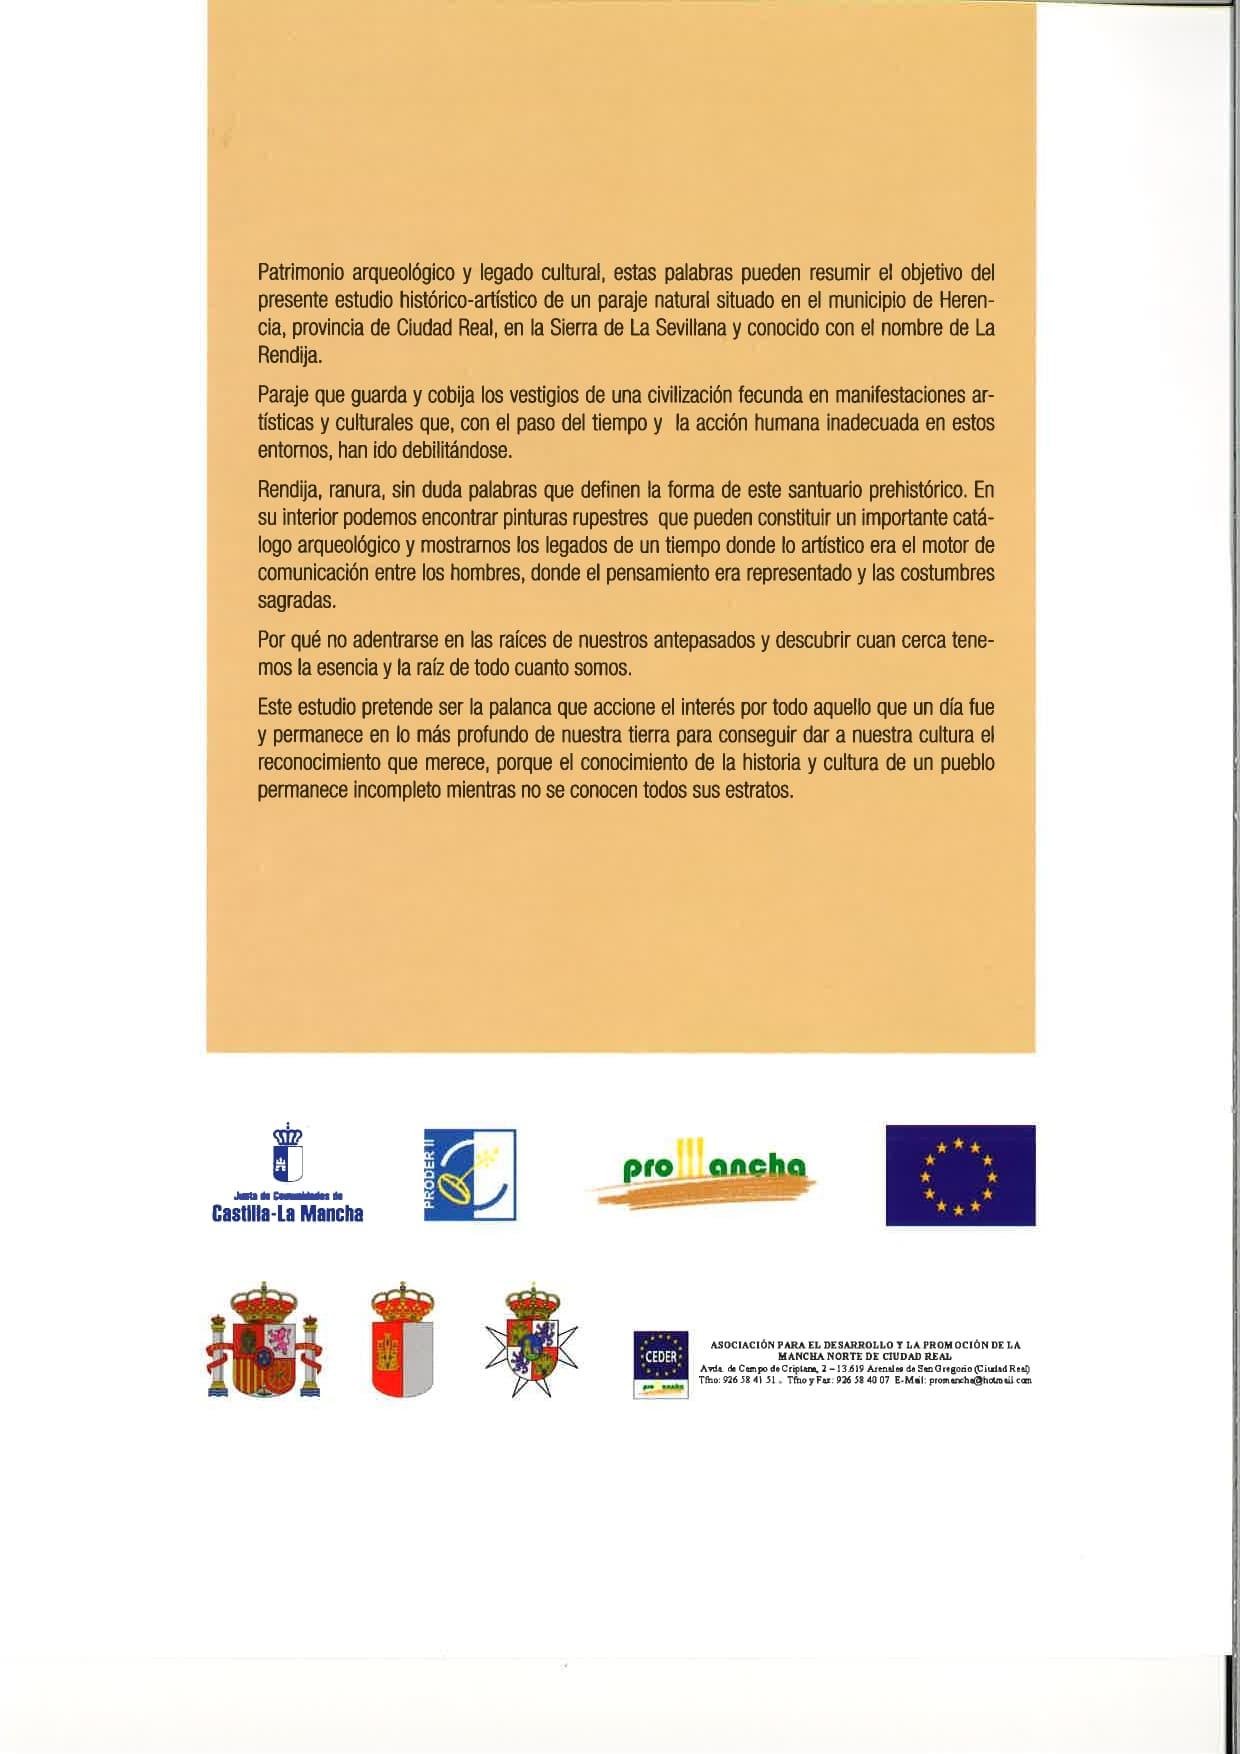 """la rendija herencia page 0024 - Herencia celebró el Día Europeo del Arte Rupestre con """"La Rendija"""""""